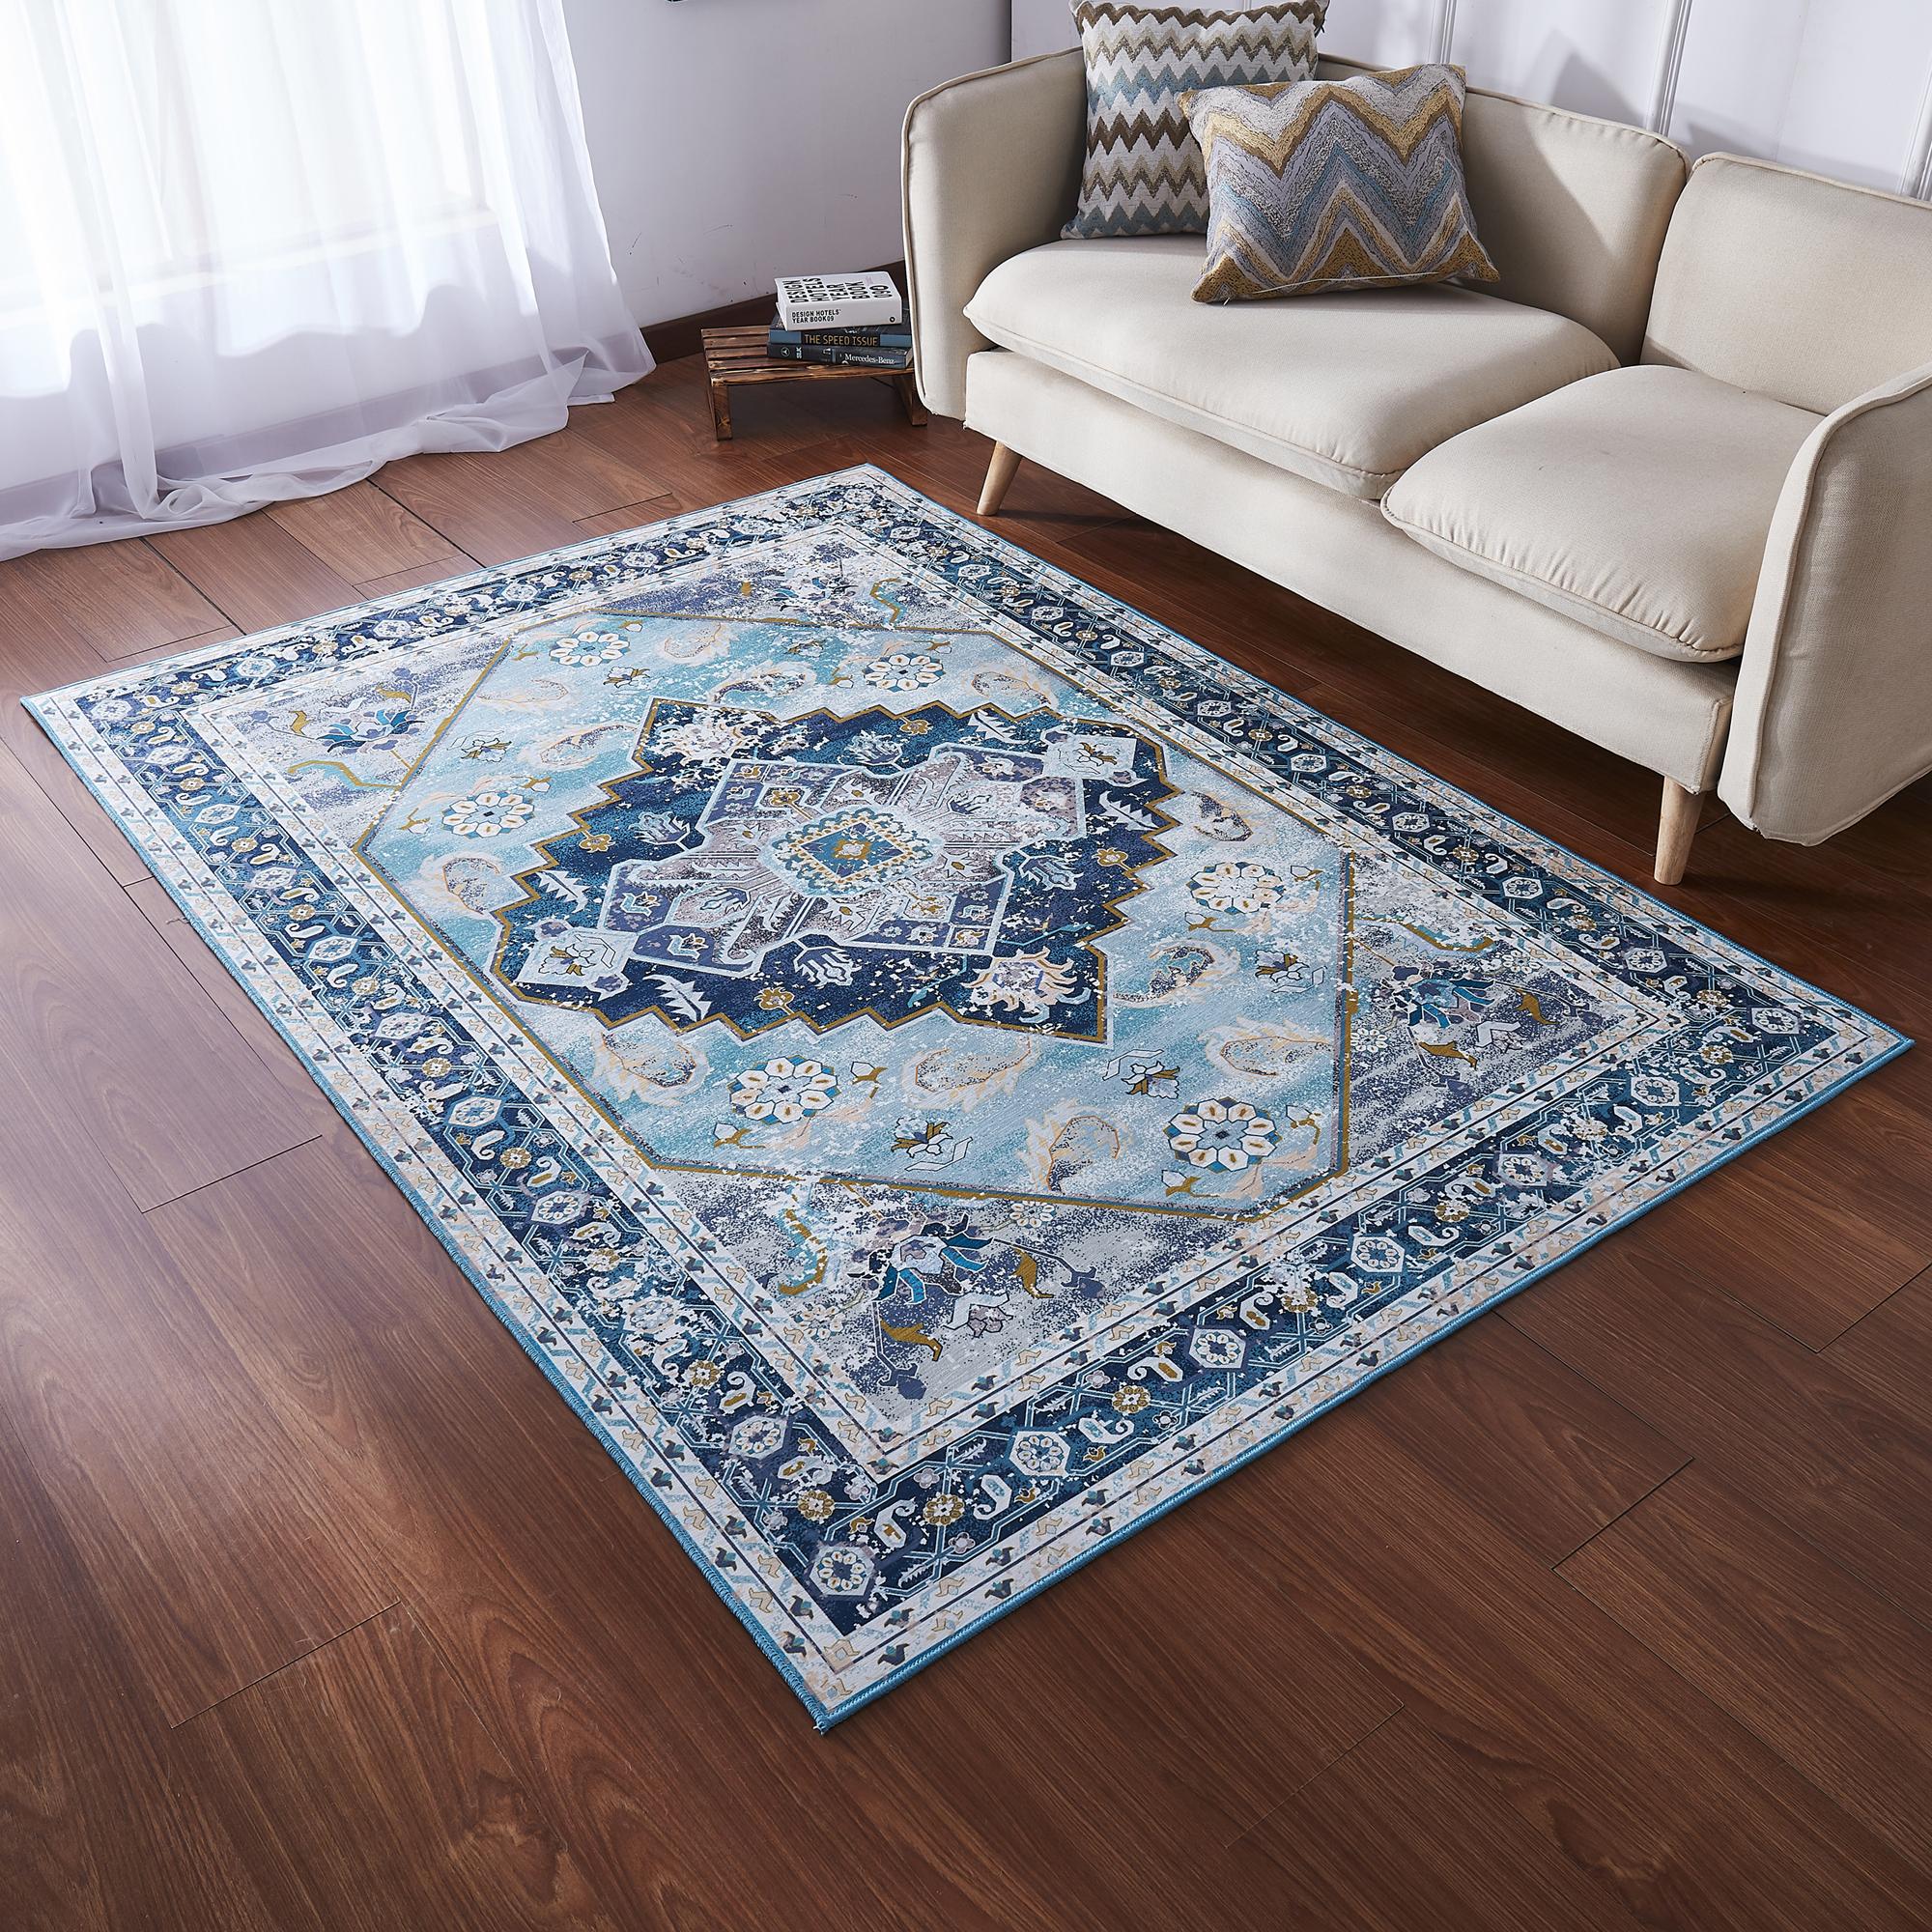 Amazing Rugs Zara Sulpicia Design Area Rug 5 X 7